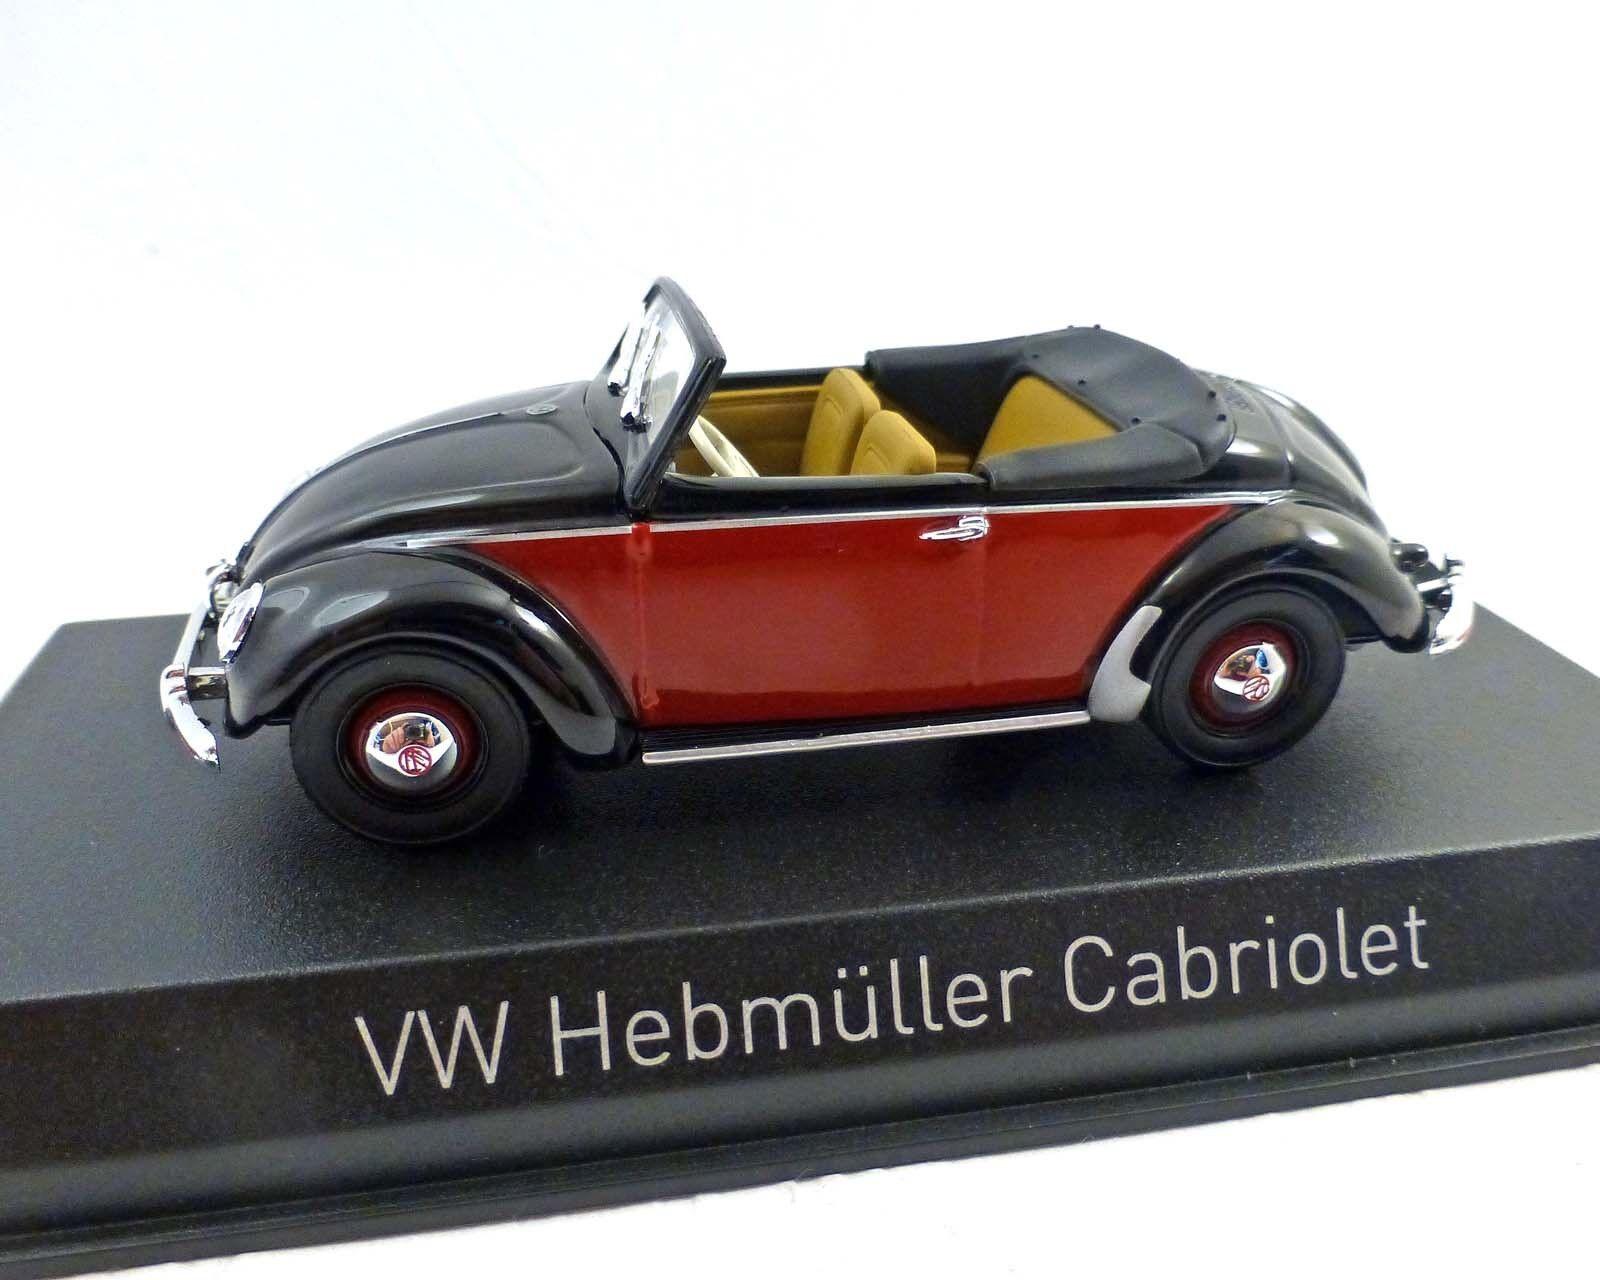 VW HEBMÜLLER CABRIOLET 1949, Norev 1 43